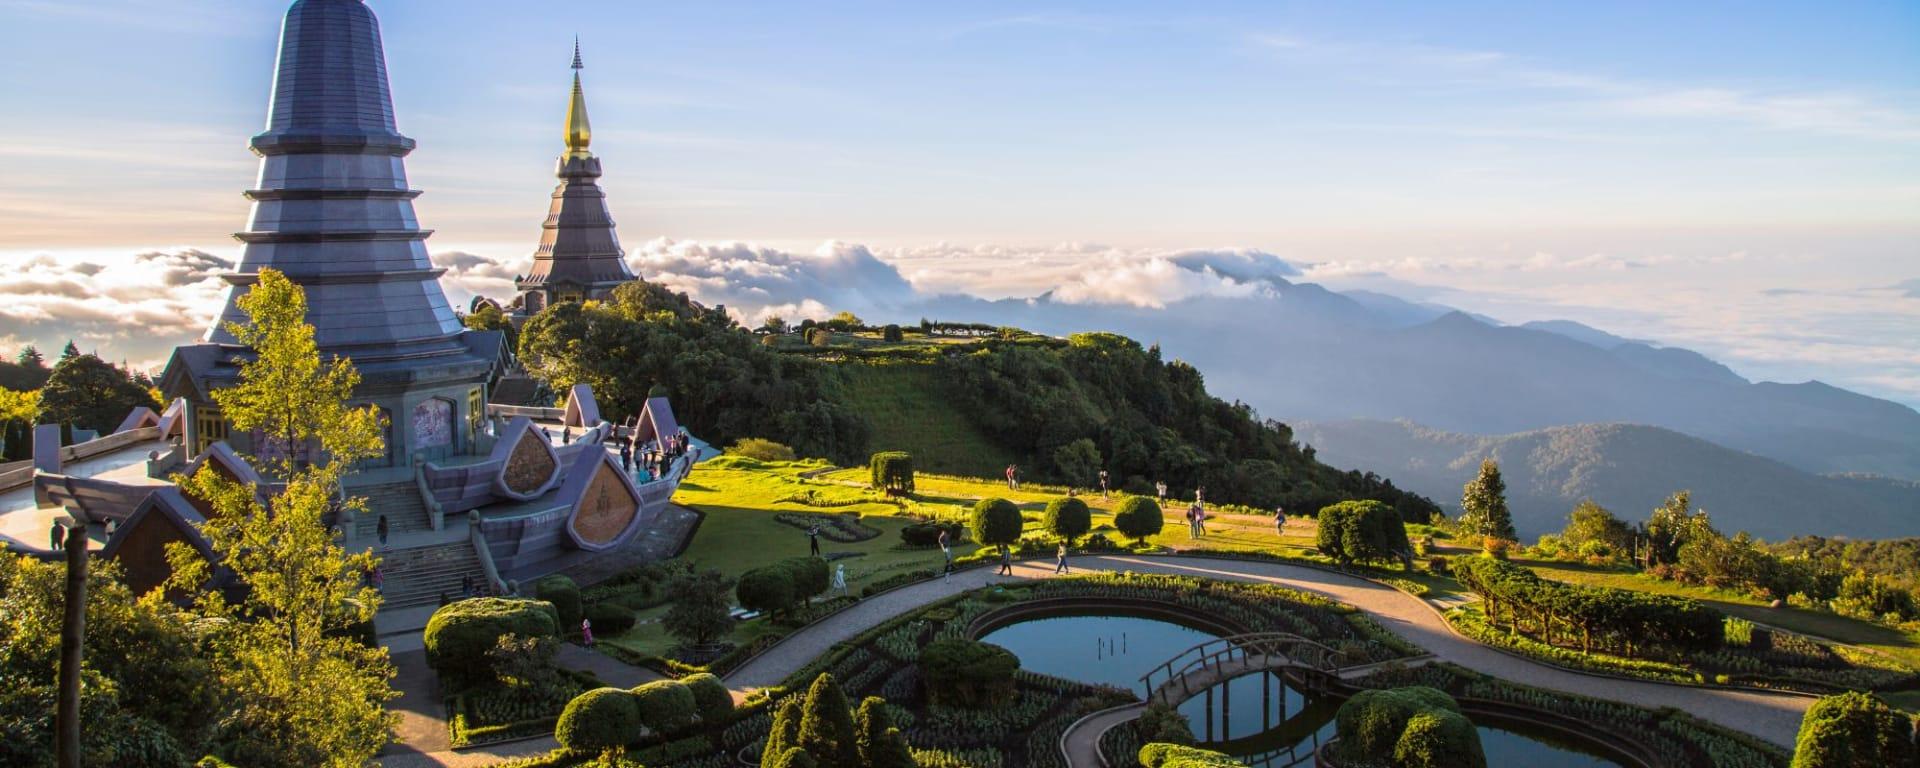 Circuit en voiture de location Mae Hong Son de Chiang Mai: Doi Inthanon temple